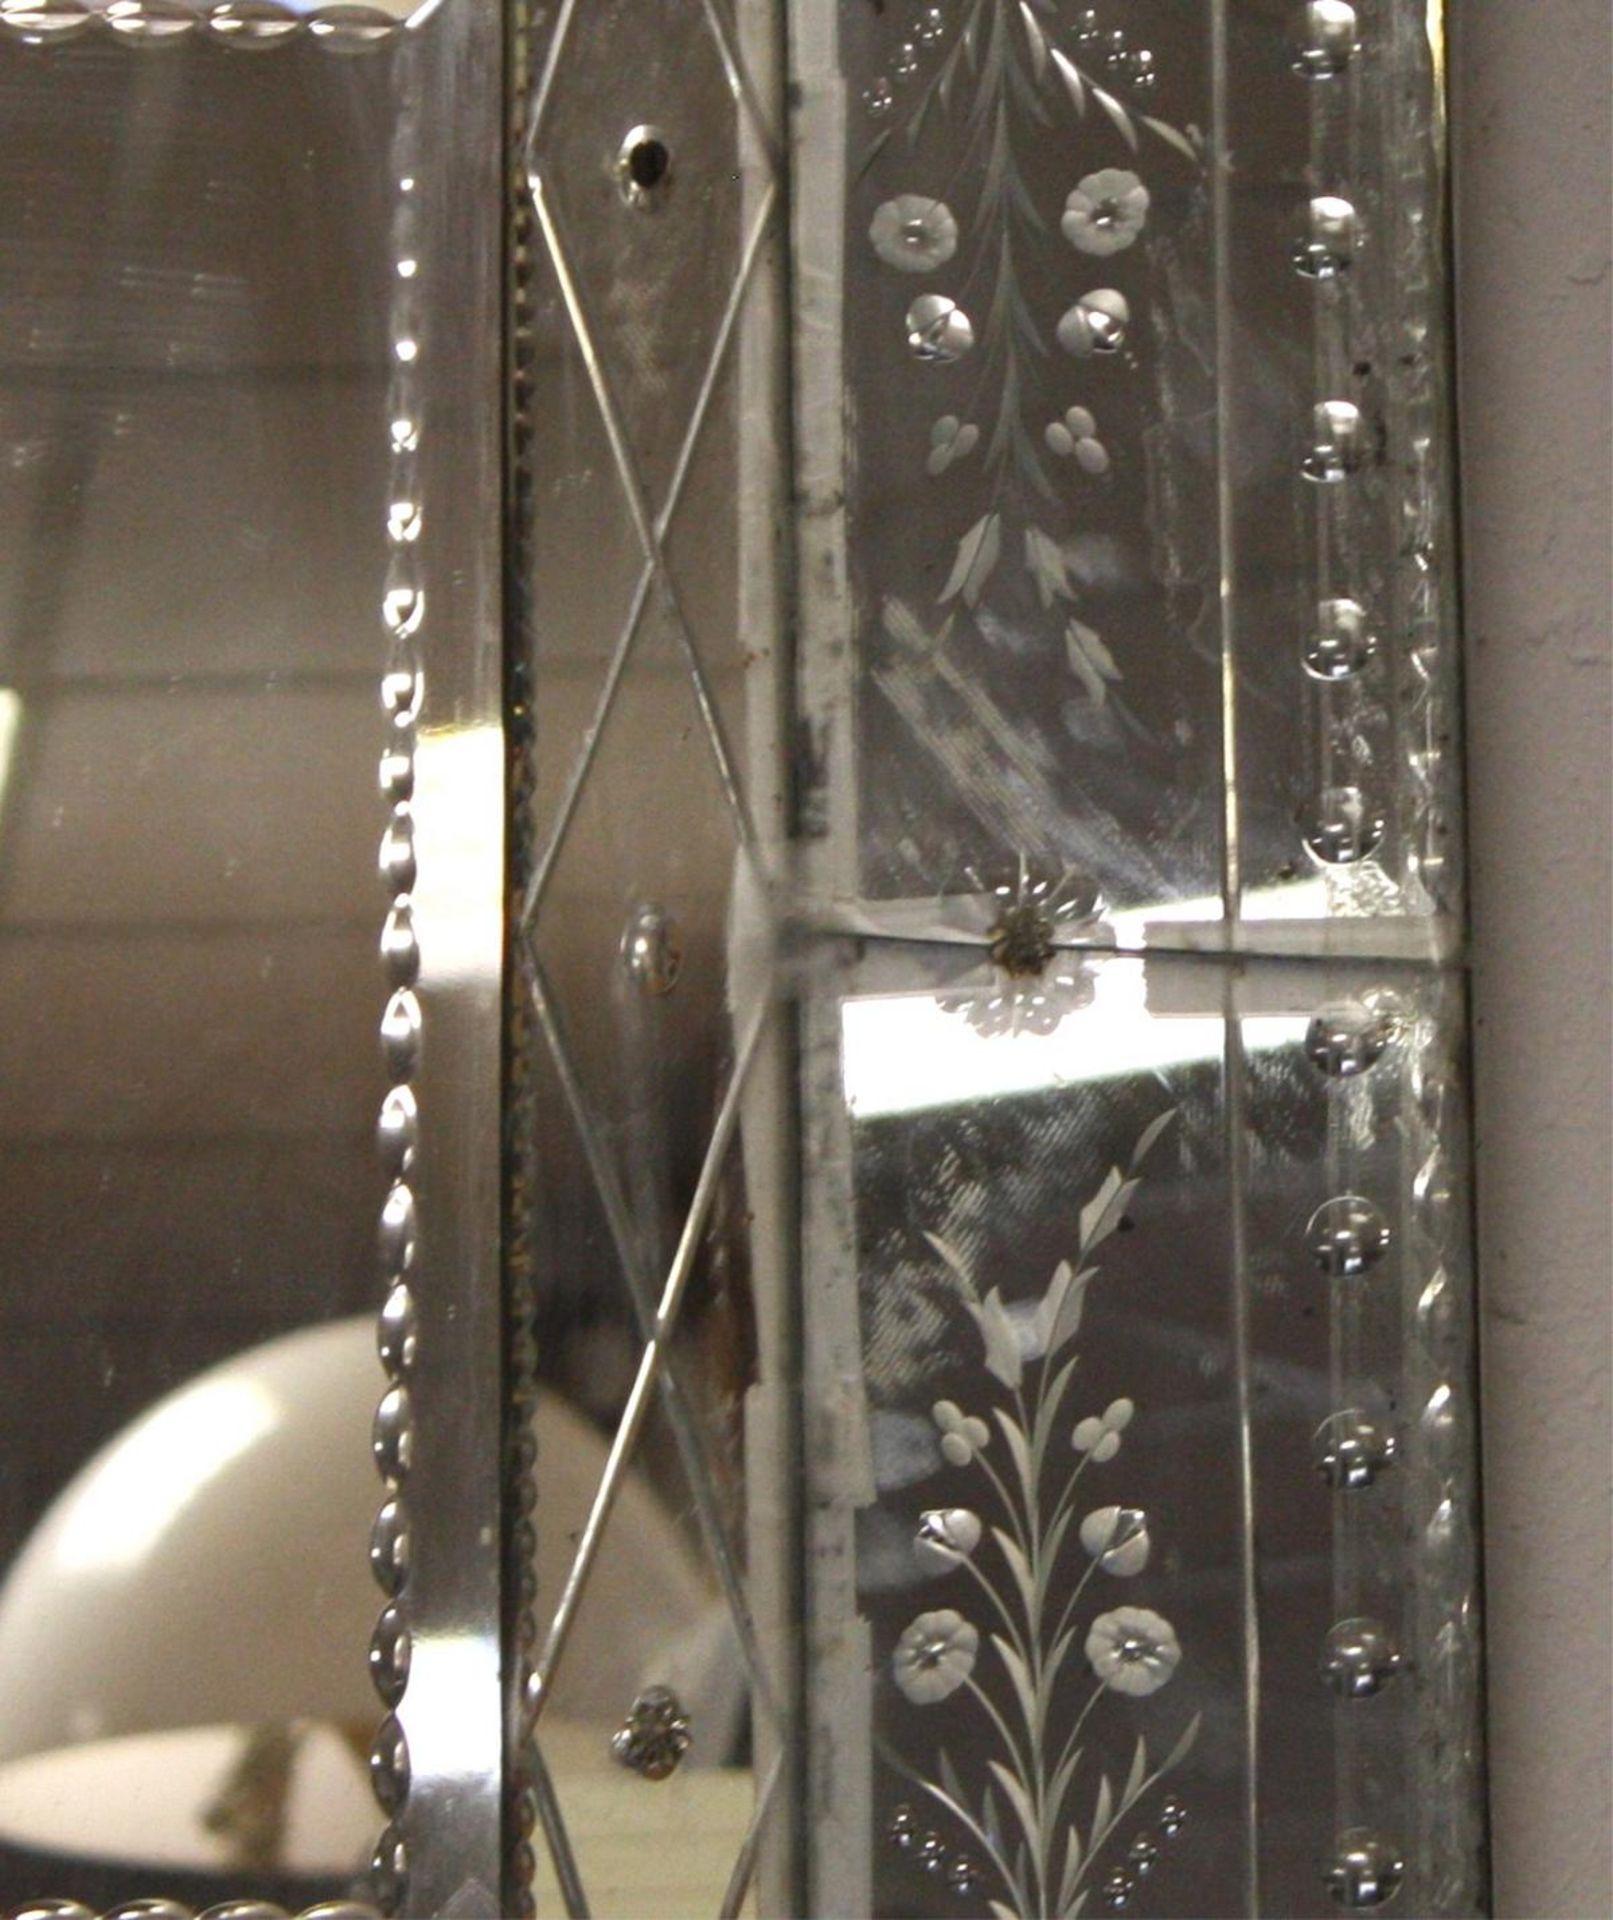 Venezianischer Spiegel, 20 Jahrhundert - Bild 2 aus 2